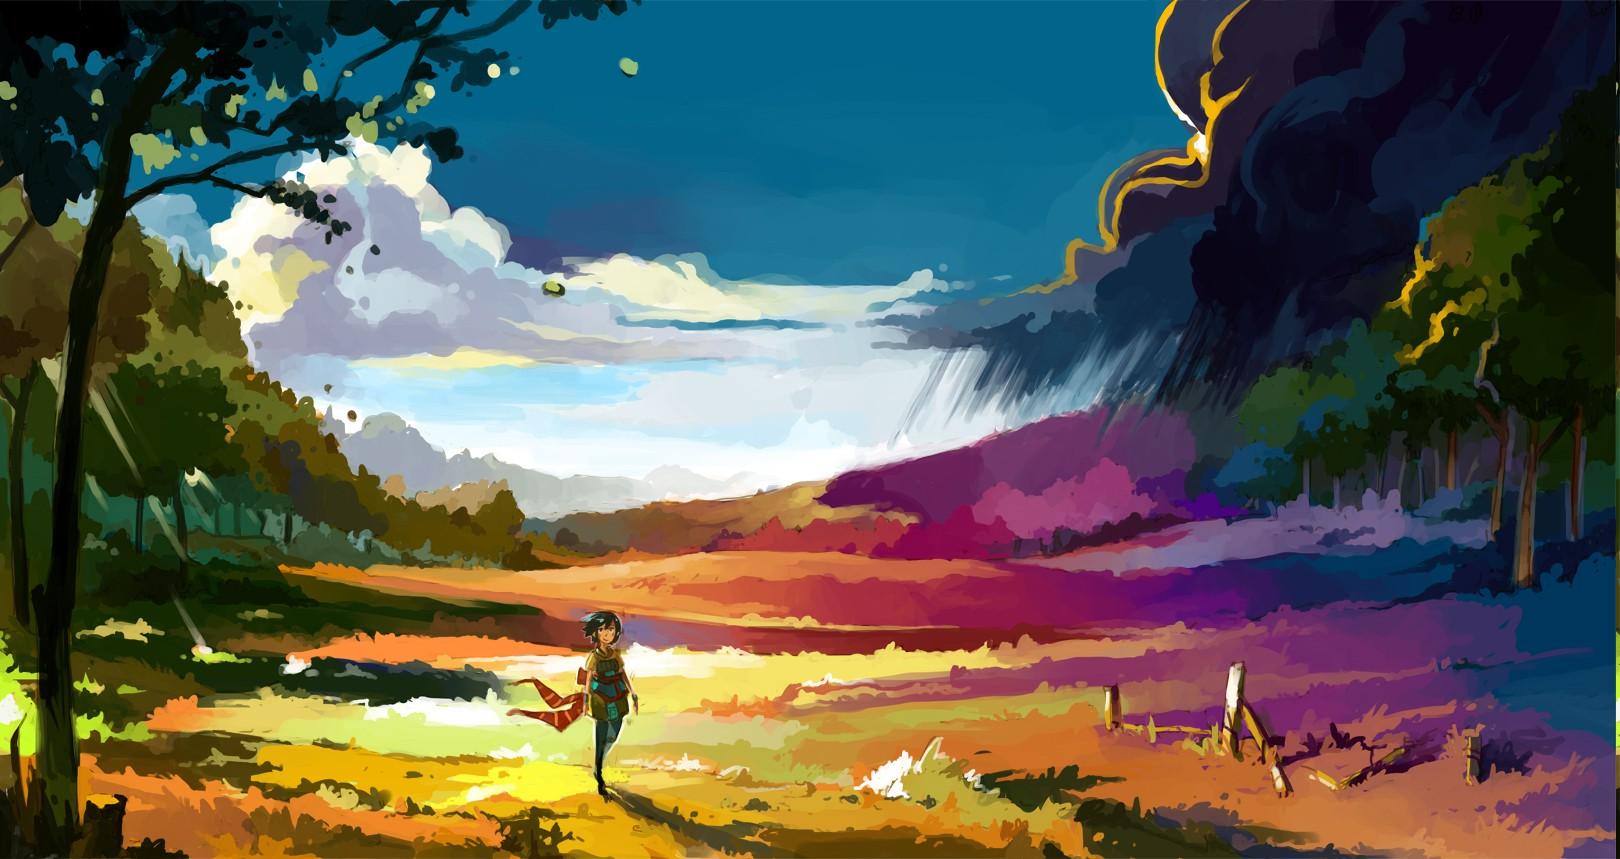 Cute Japanese Art 4k Wallpaper Fond D 233 Cran Paysage Color 233 La Peinture Illustration